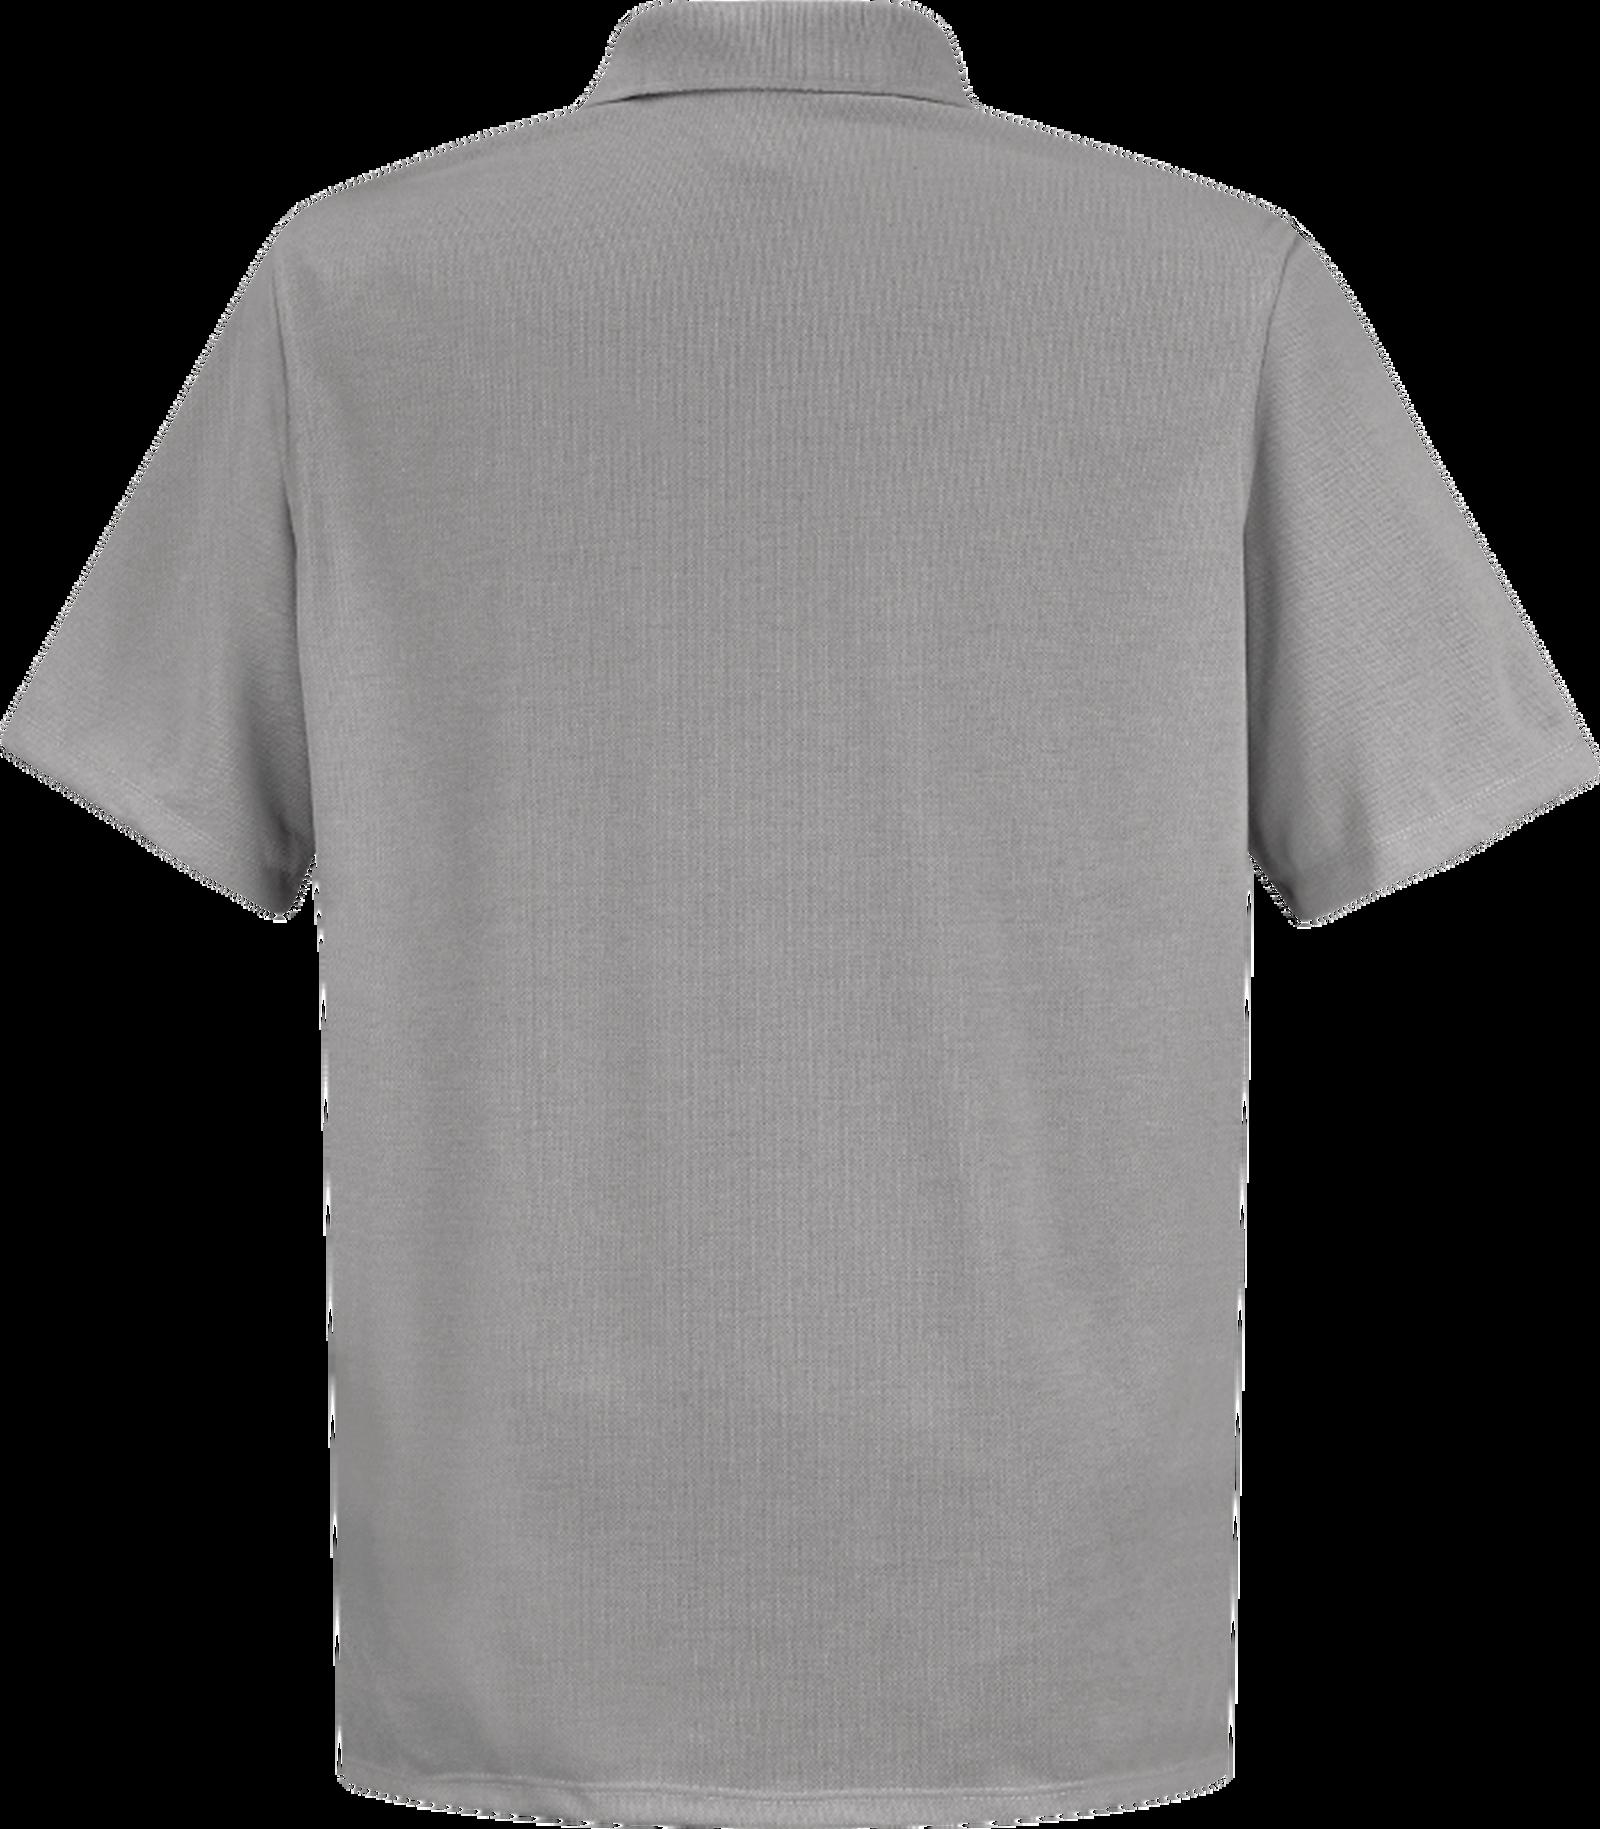 Men's Short Sleeve Spun Polyester Pocket Polo